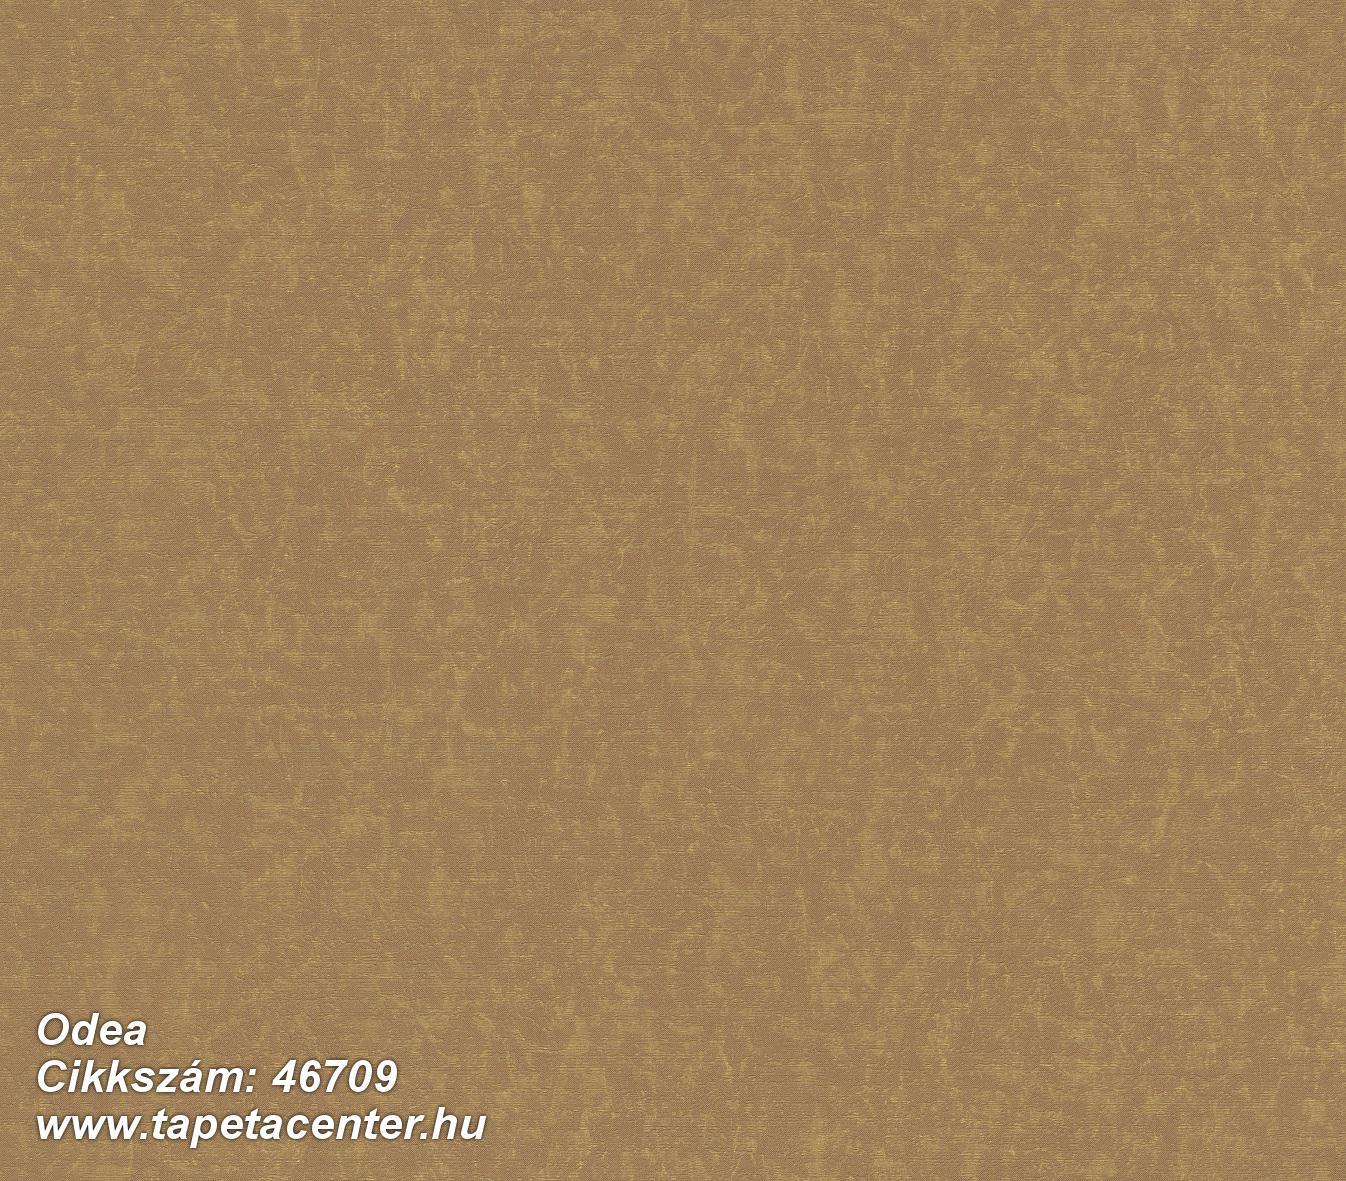 Odea - 46709 Olasz tapéta